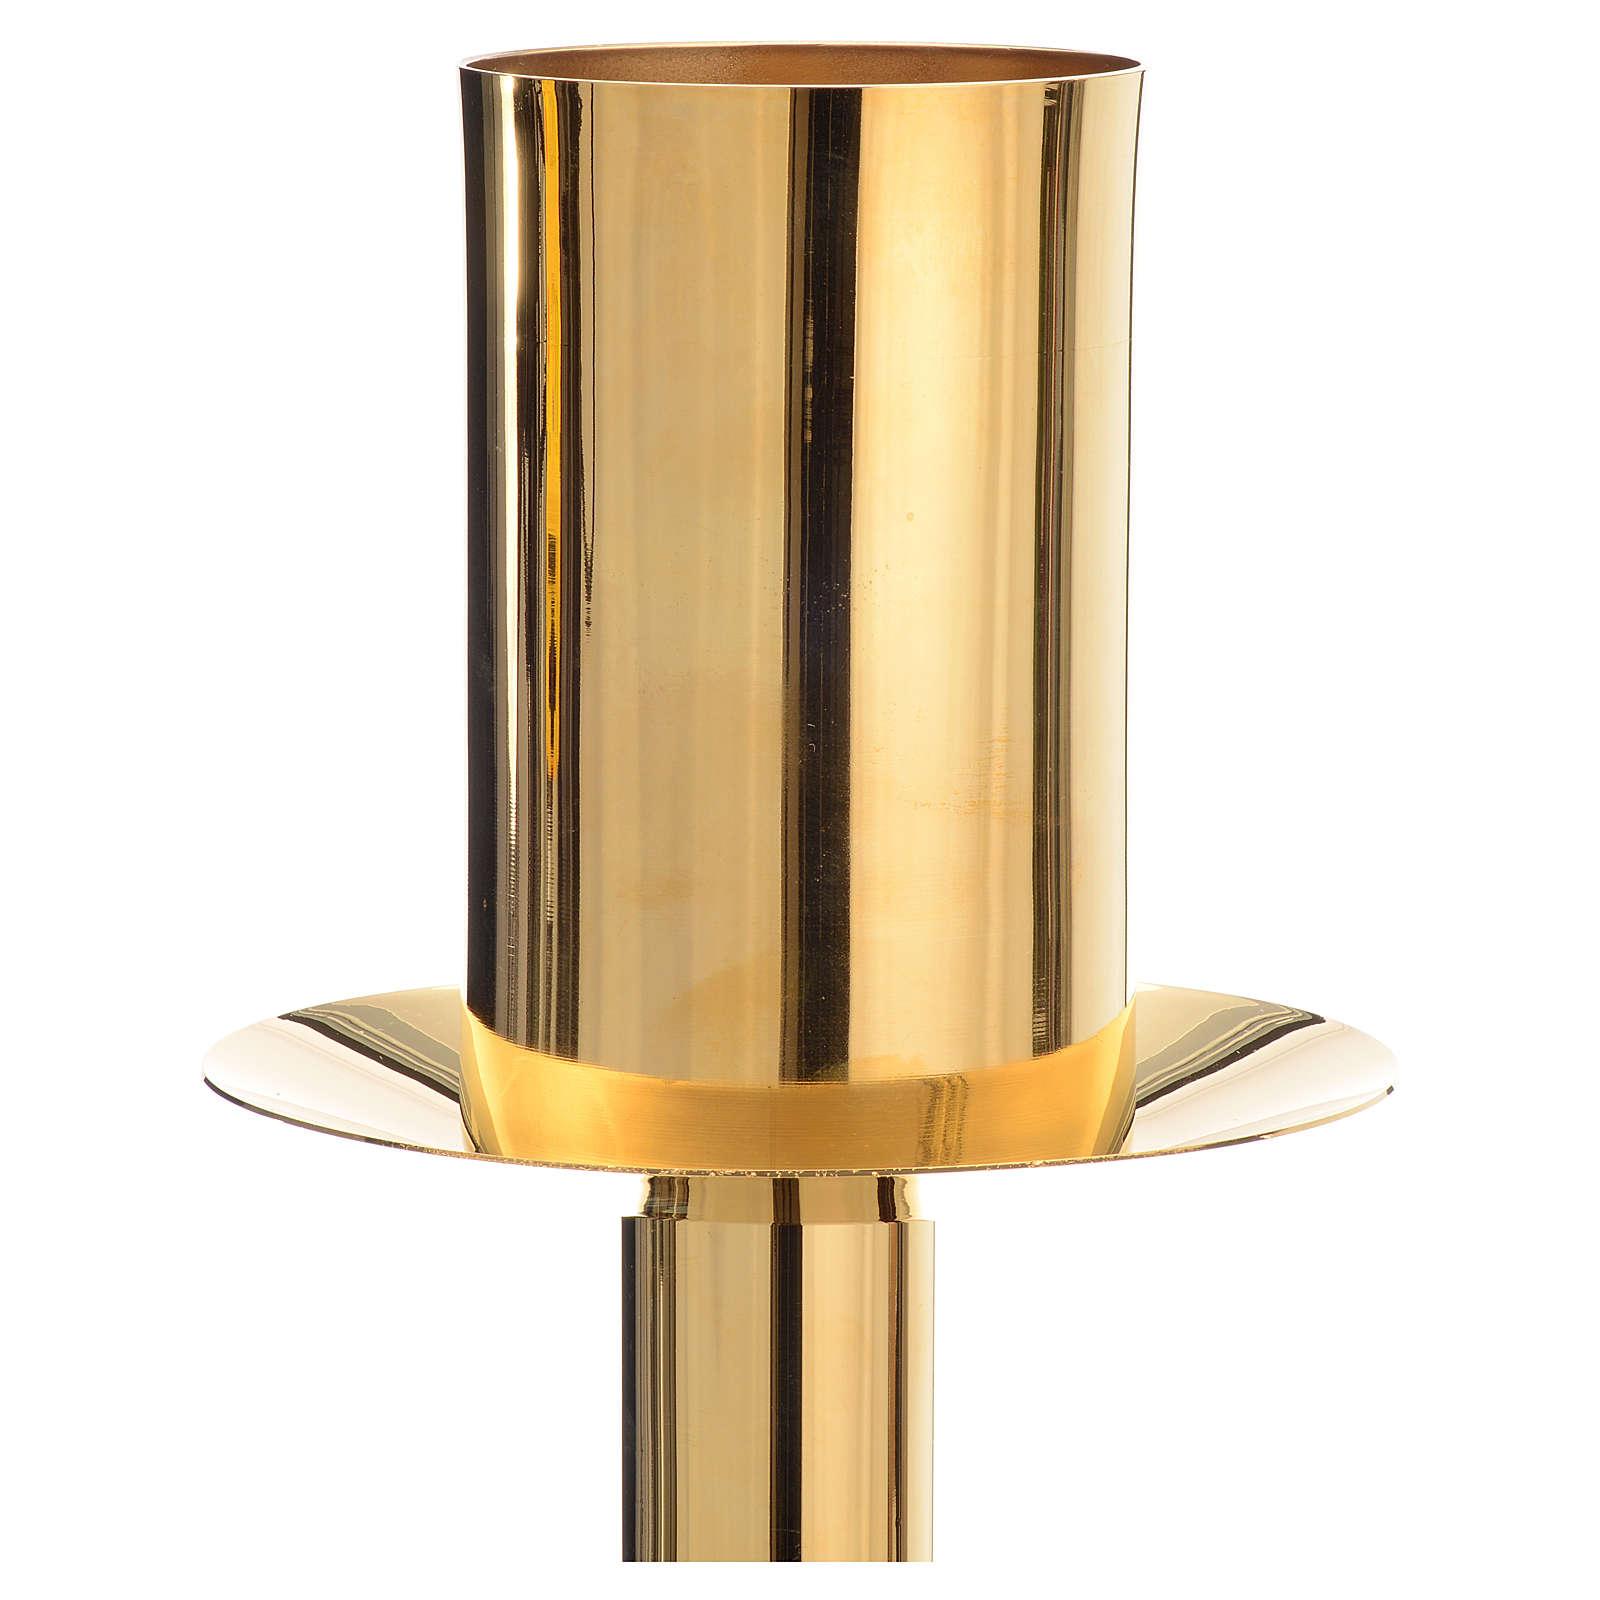 Base porta-círio pascal latão dourado 4